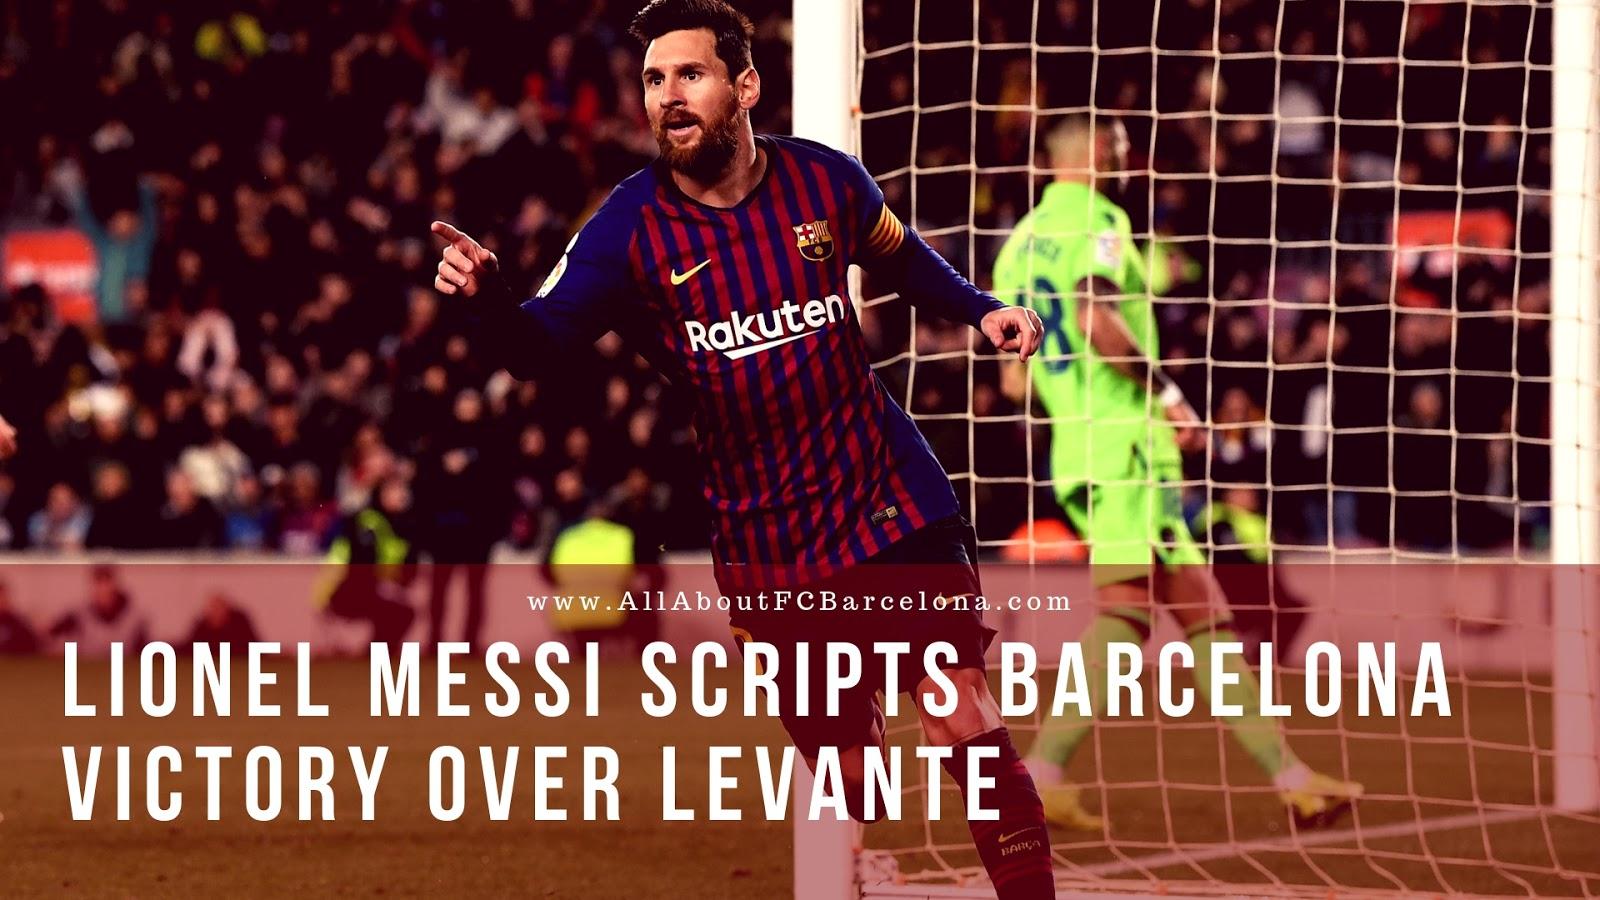 Messi Scripts Brilliant Barcelona Victory to Overcome Levante in the Cup